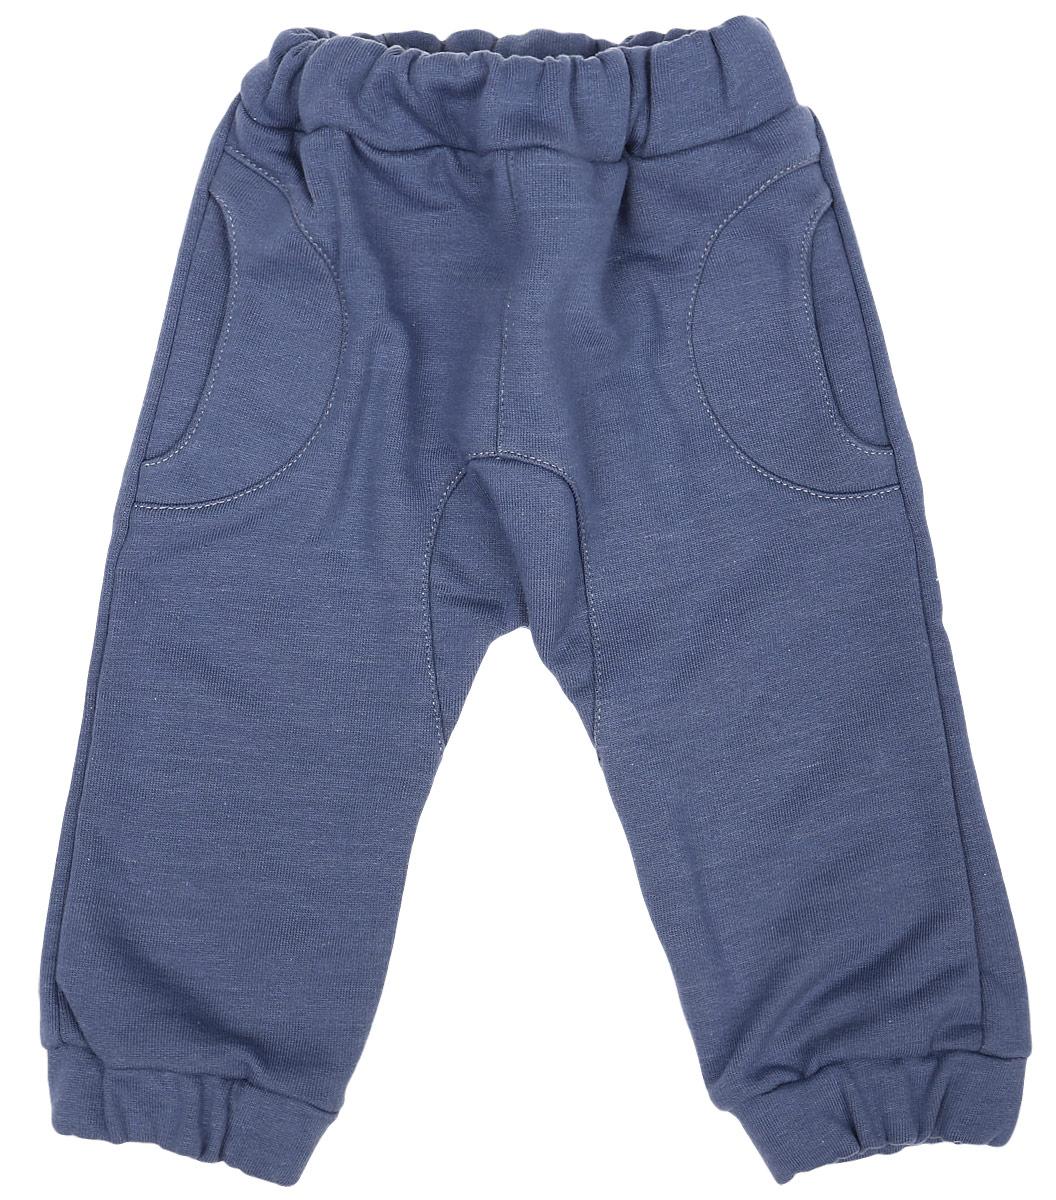 Штанишки для мальчика Клякса, цвет: серо-синий. 22-565. Размер 74 брюки джинсы и штанишки ёмаё ползунки для мальчика ватсон 26 290